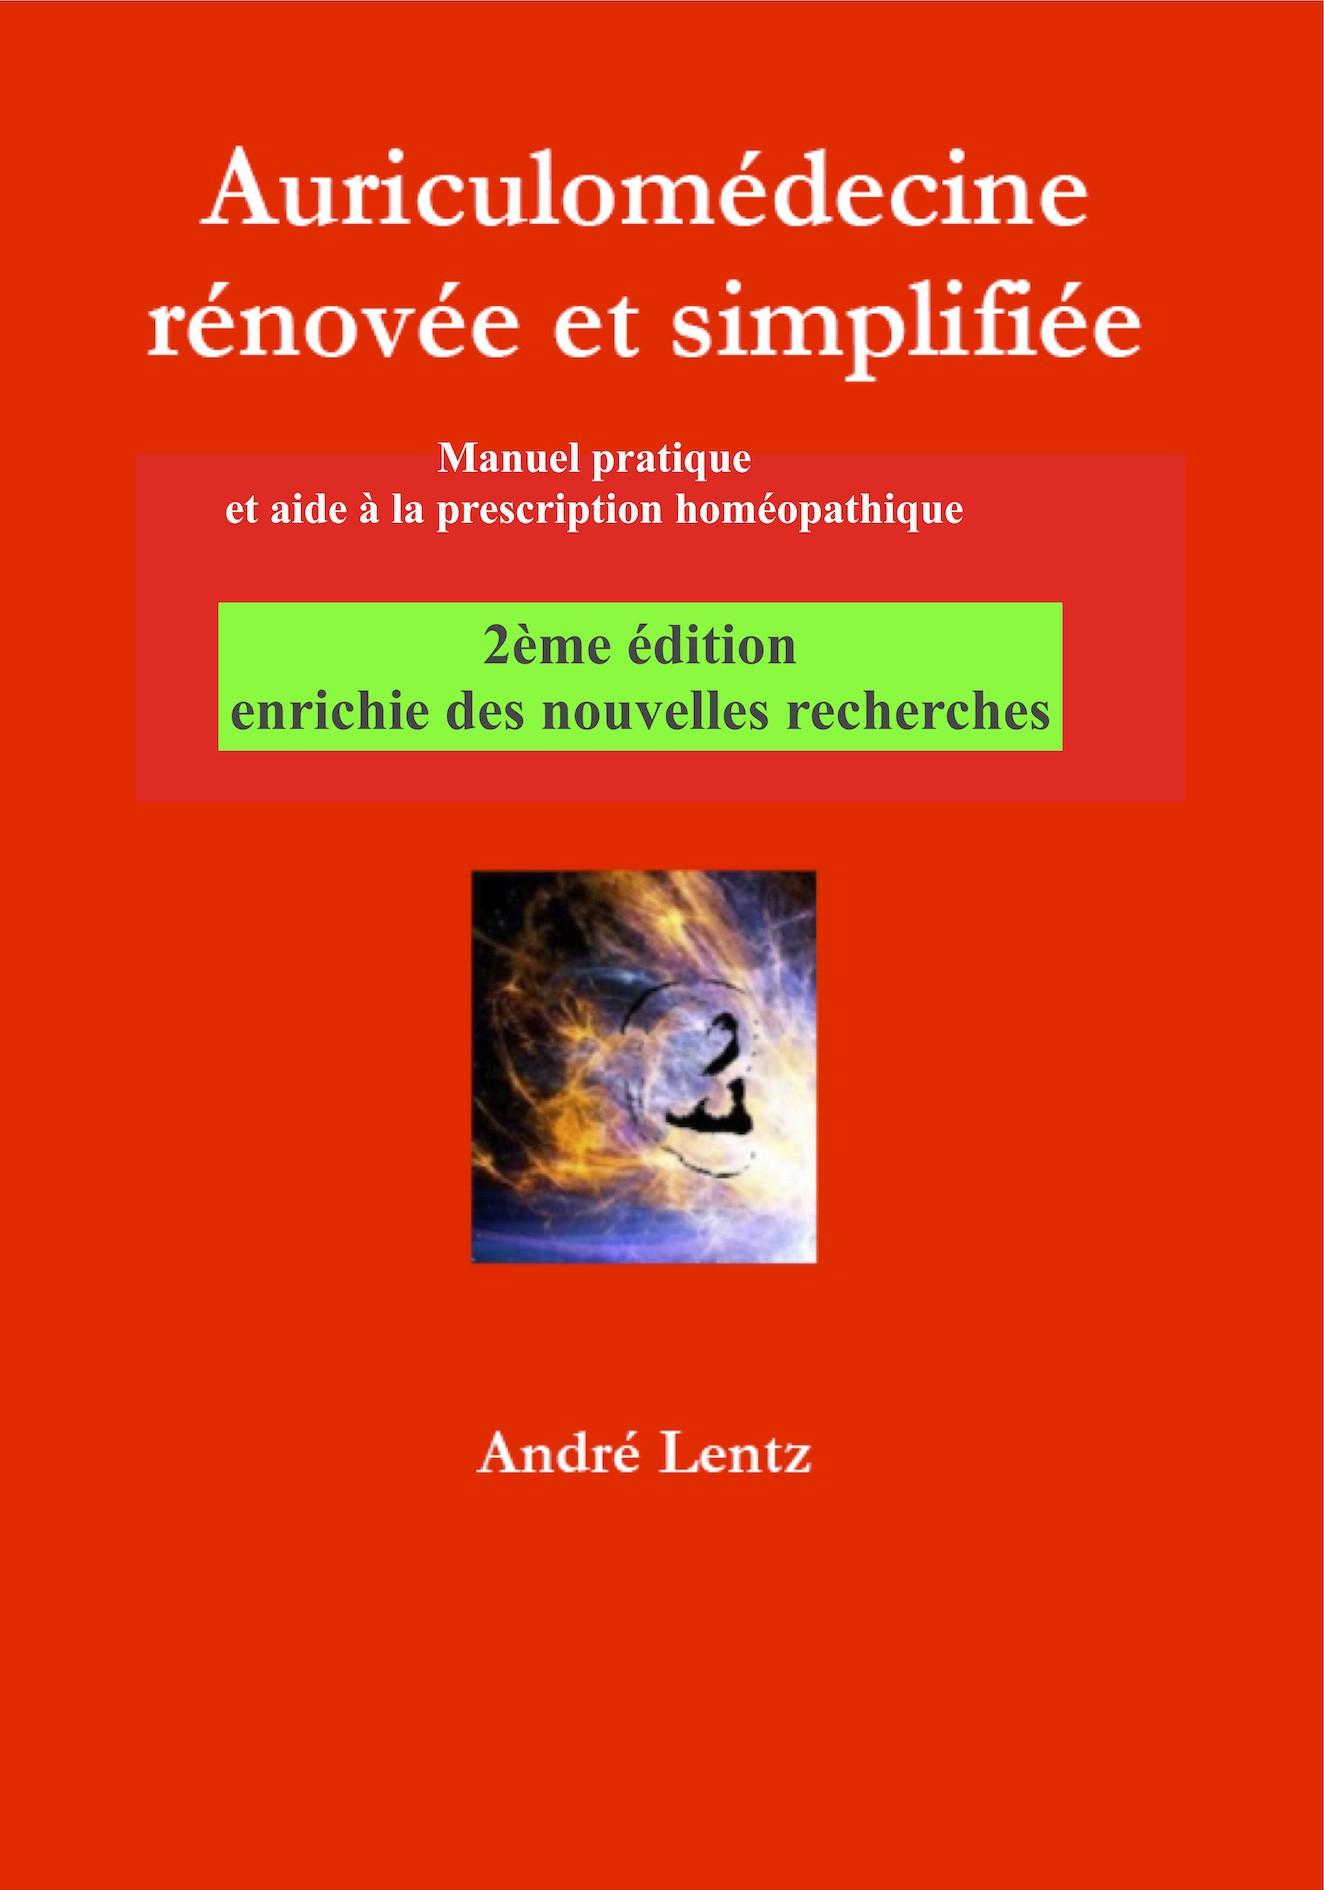 A.LENTZ Auriculomédecine rénovée et simplifiée 2ème édition-LIALEN03-FR